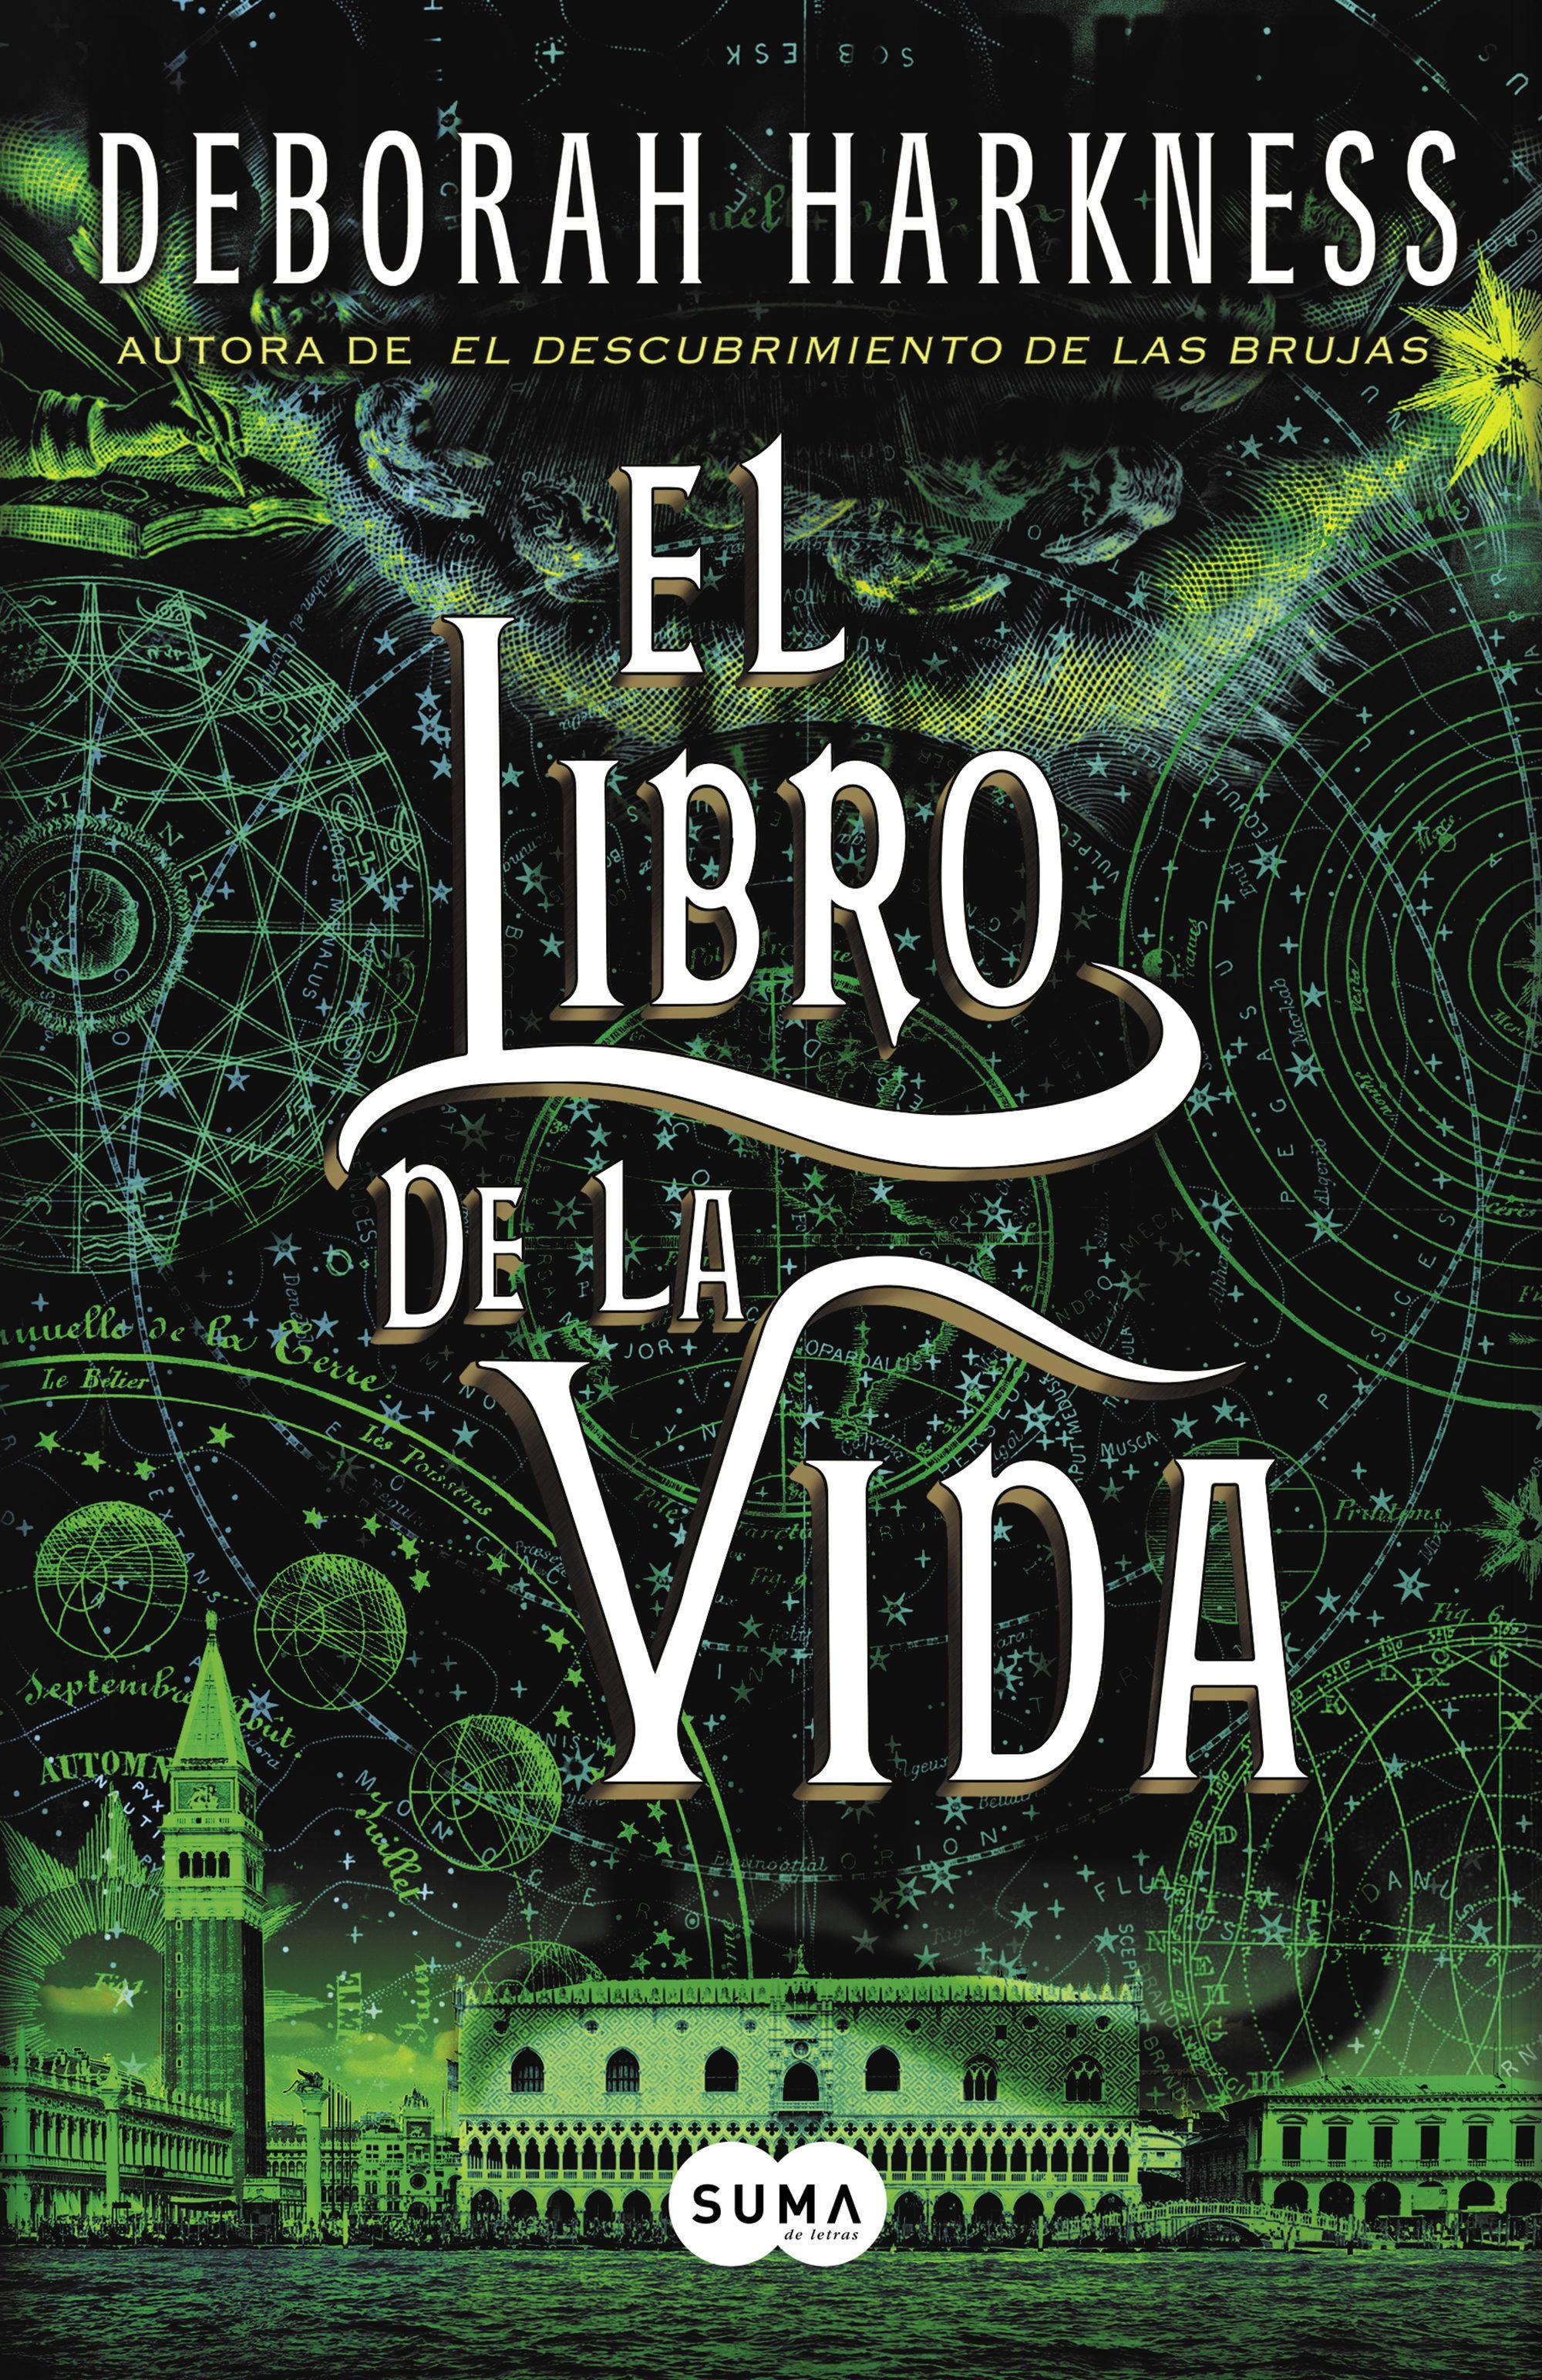 El Descubrimiento De Las Brujas Buscar Con Google Libro De La Vida Libros Para Leer Libros Que Voy Leyendo